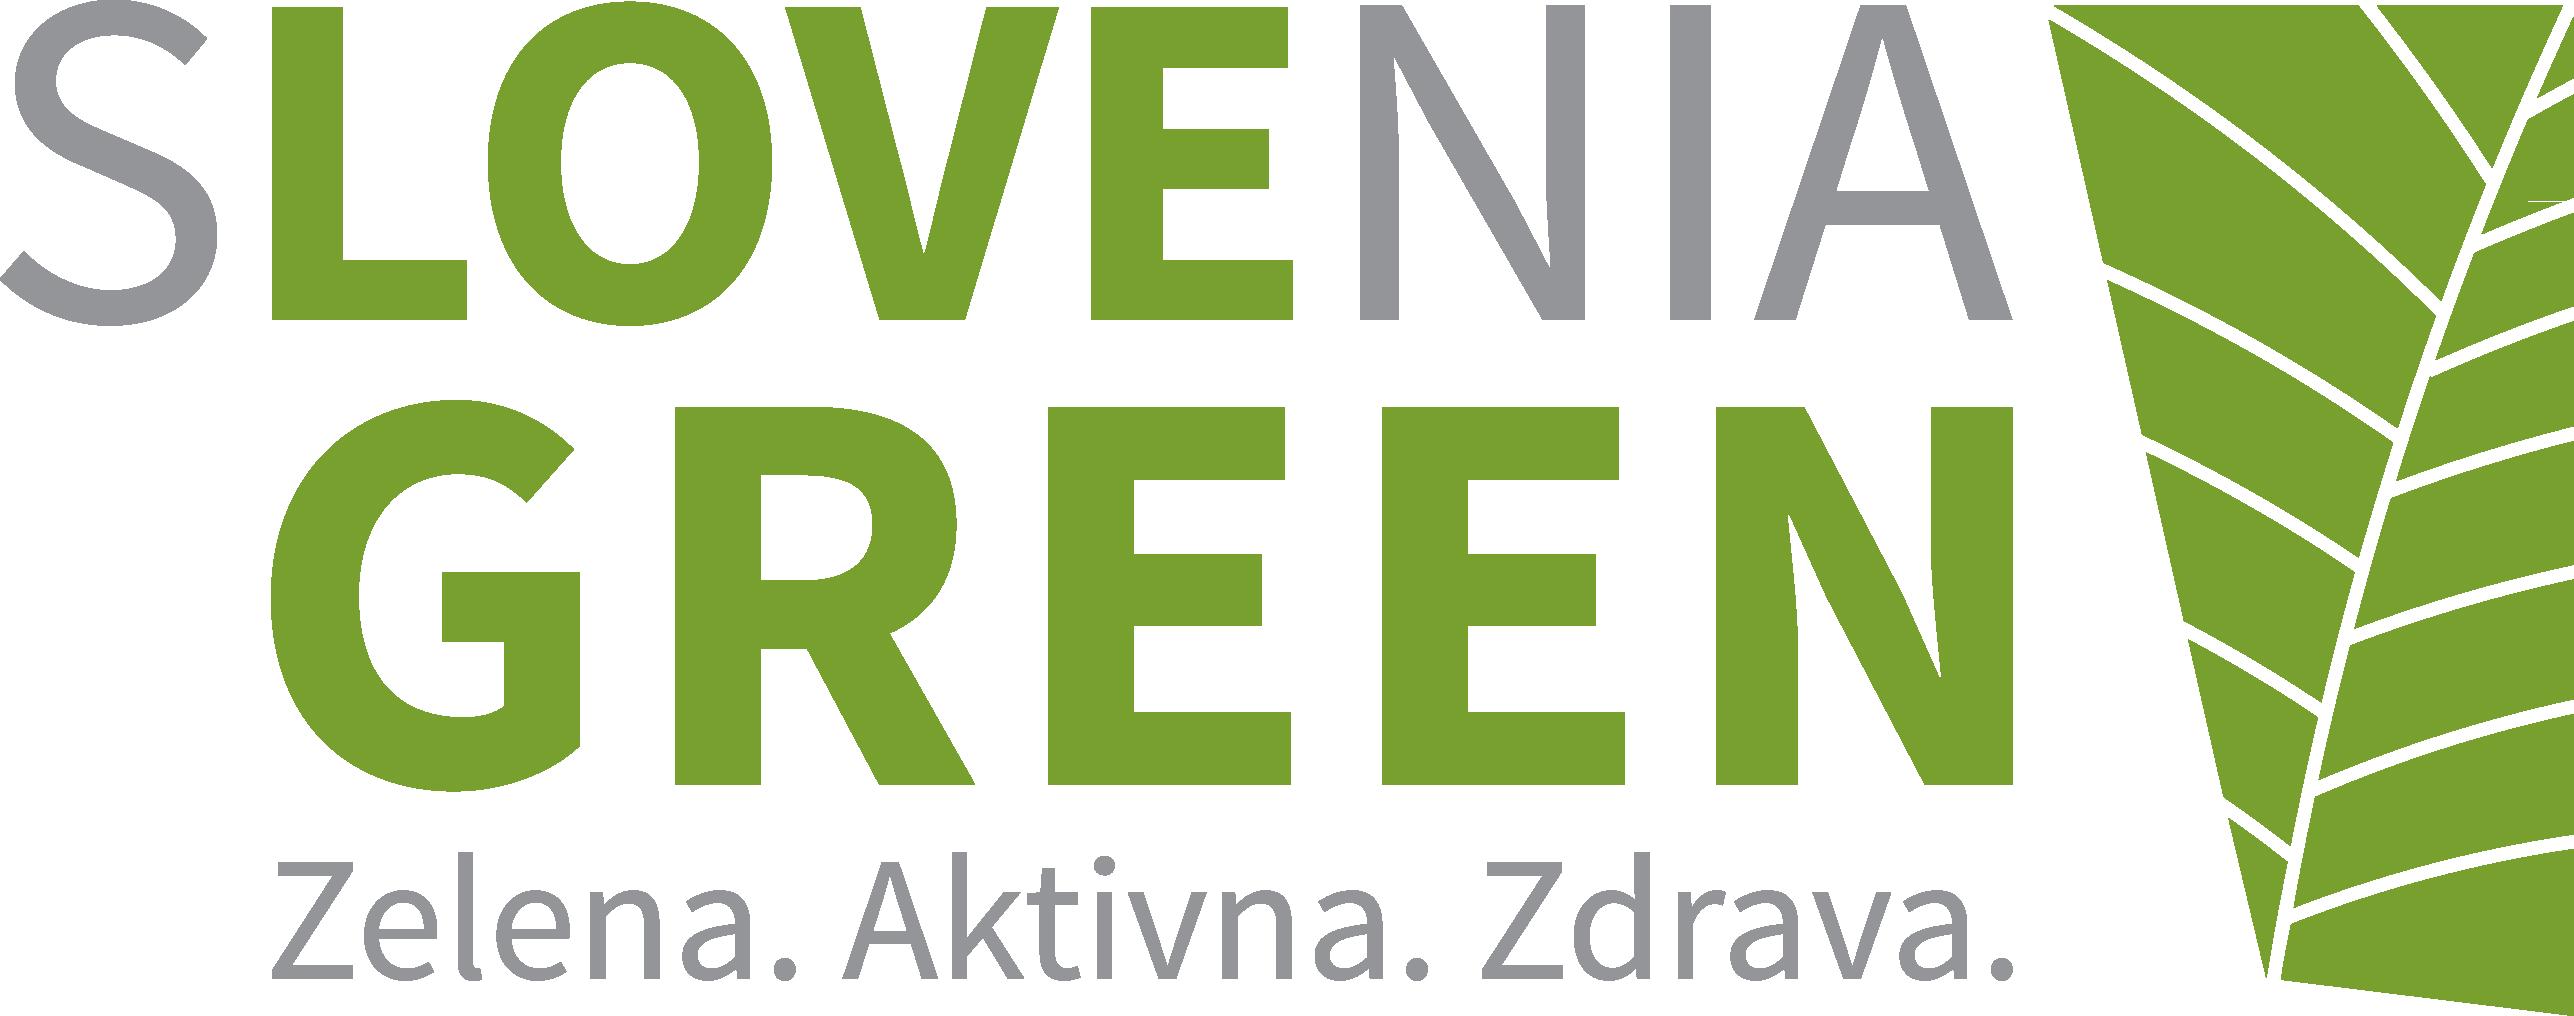 Slovenia green